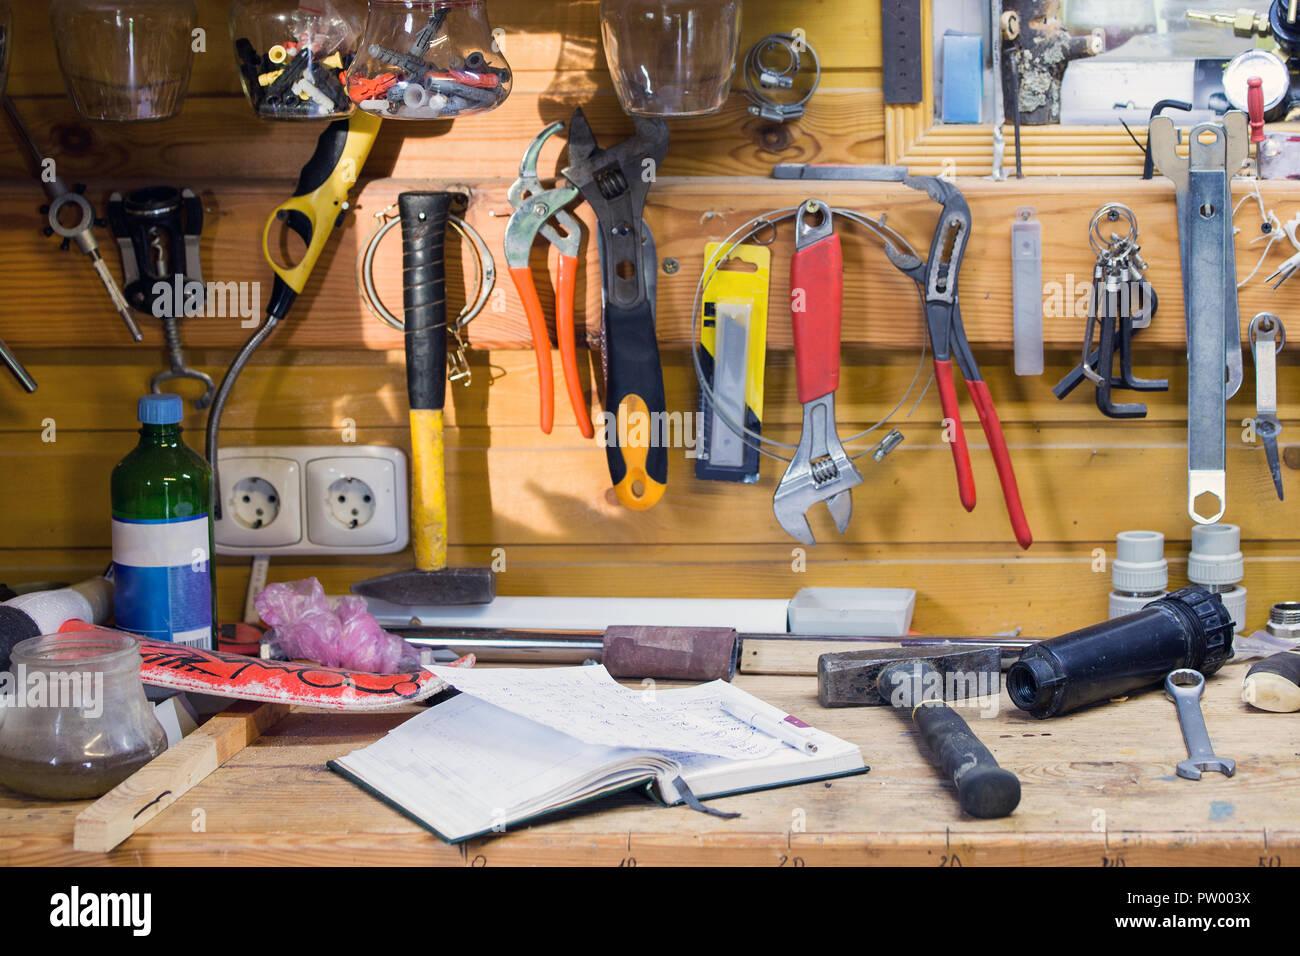 holz workbench in der werkstatt viele verschiedene werkzeuge f r heimwerker und. Black Bedroom Furniture Sets. Home Design Ideas